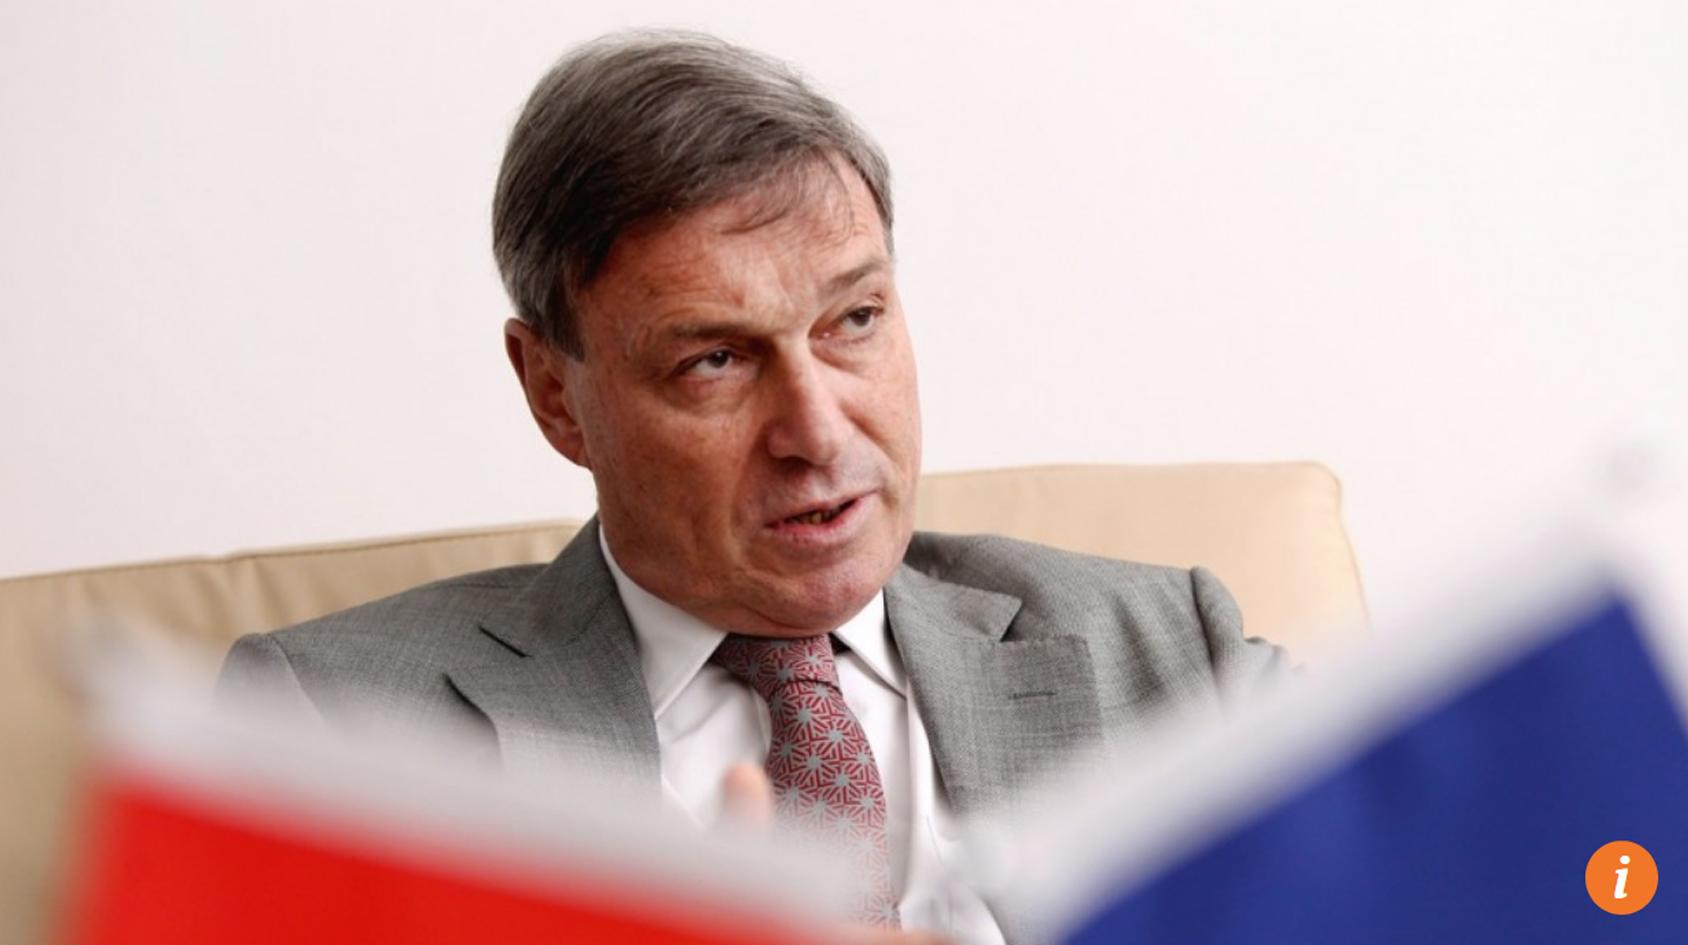 Đại sứ Liên Âu kêu gọi Trung Cộng nên thật sự mở cửa thị trường thay vì hứa suông